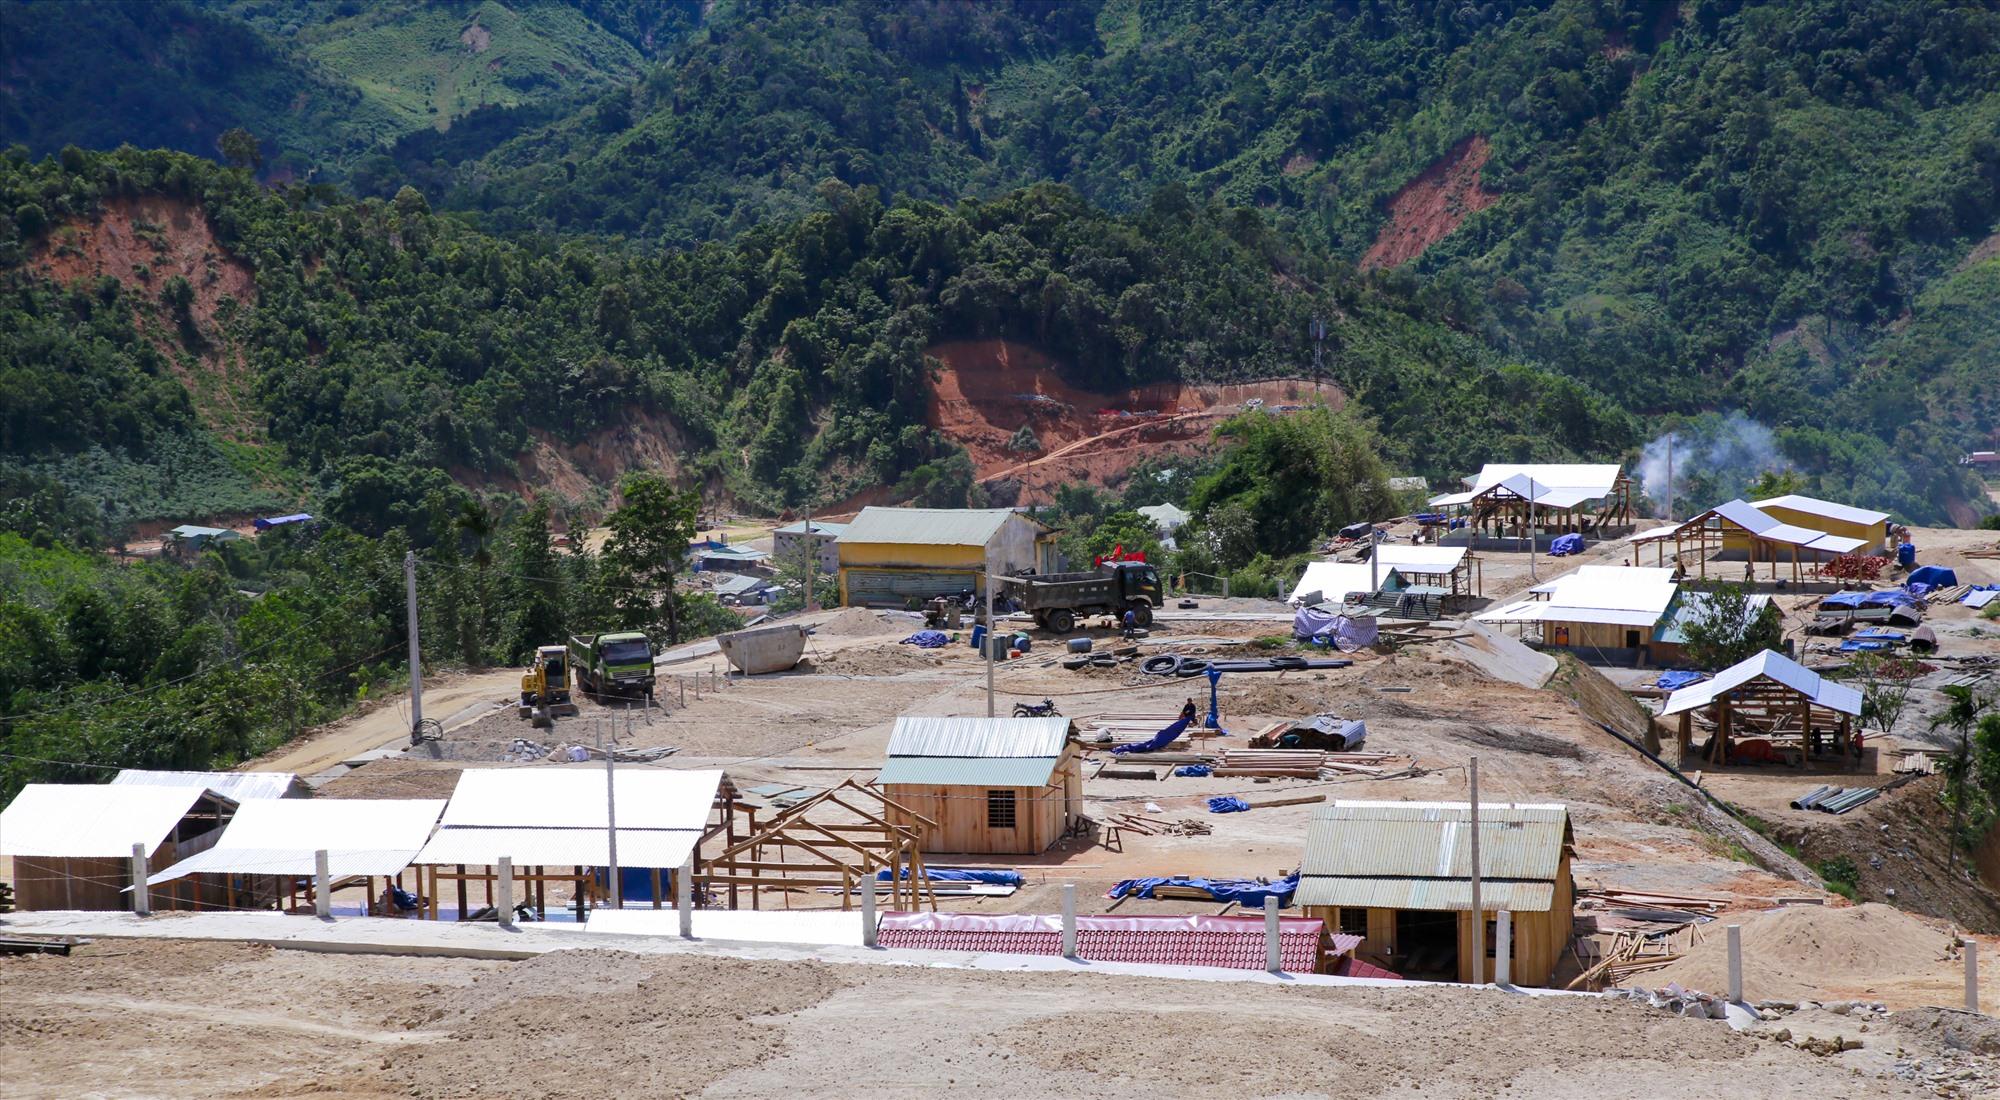 Các khu tái định cư tại Phước Sơn sớm được hoàn thành, tạo điều kiện người dân vào ở trước mùa mưa lũ 2021 theo tiến độ được giao. Ảnh: T.C